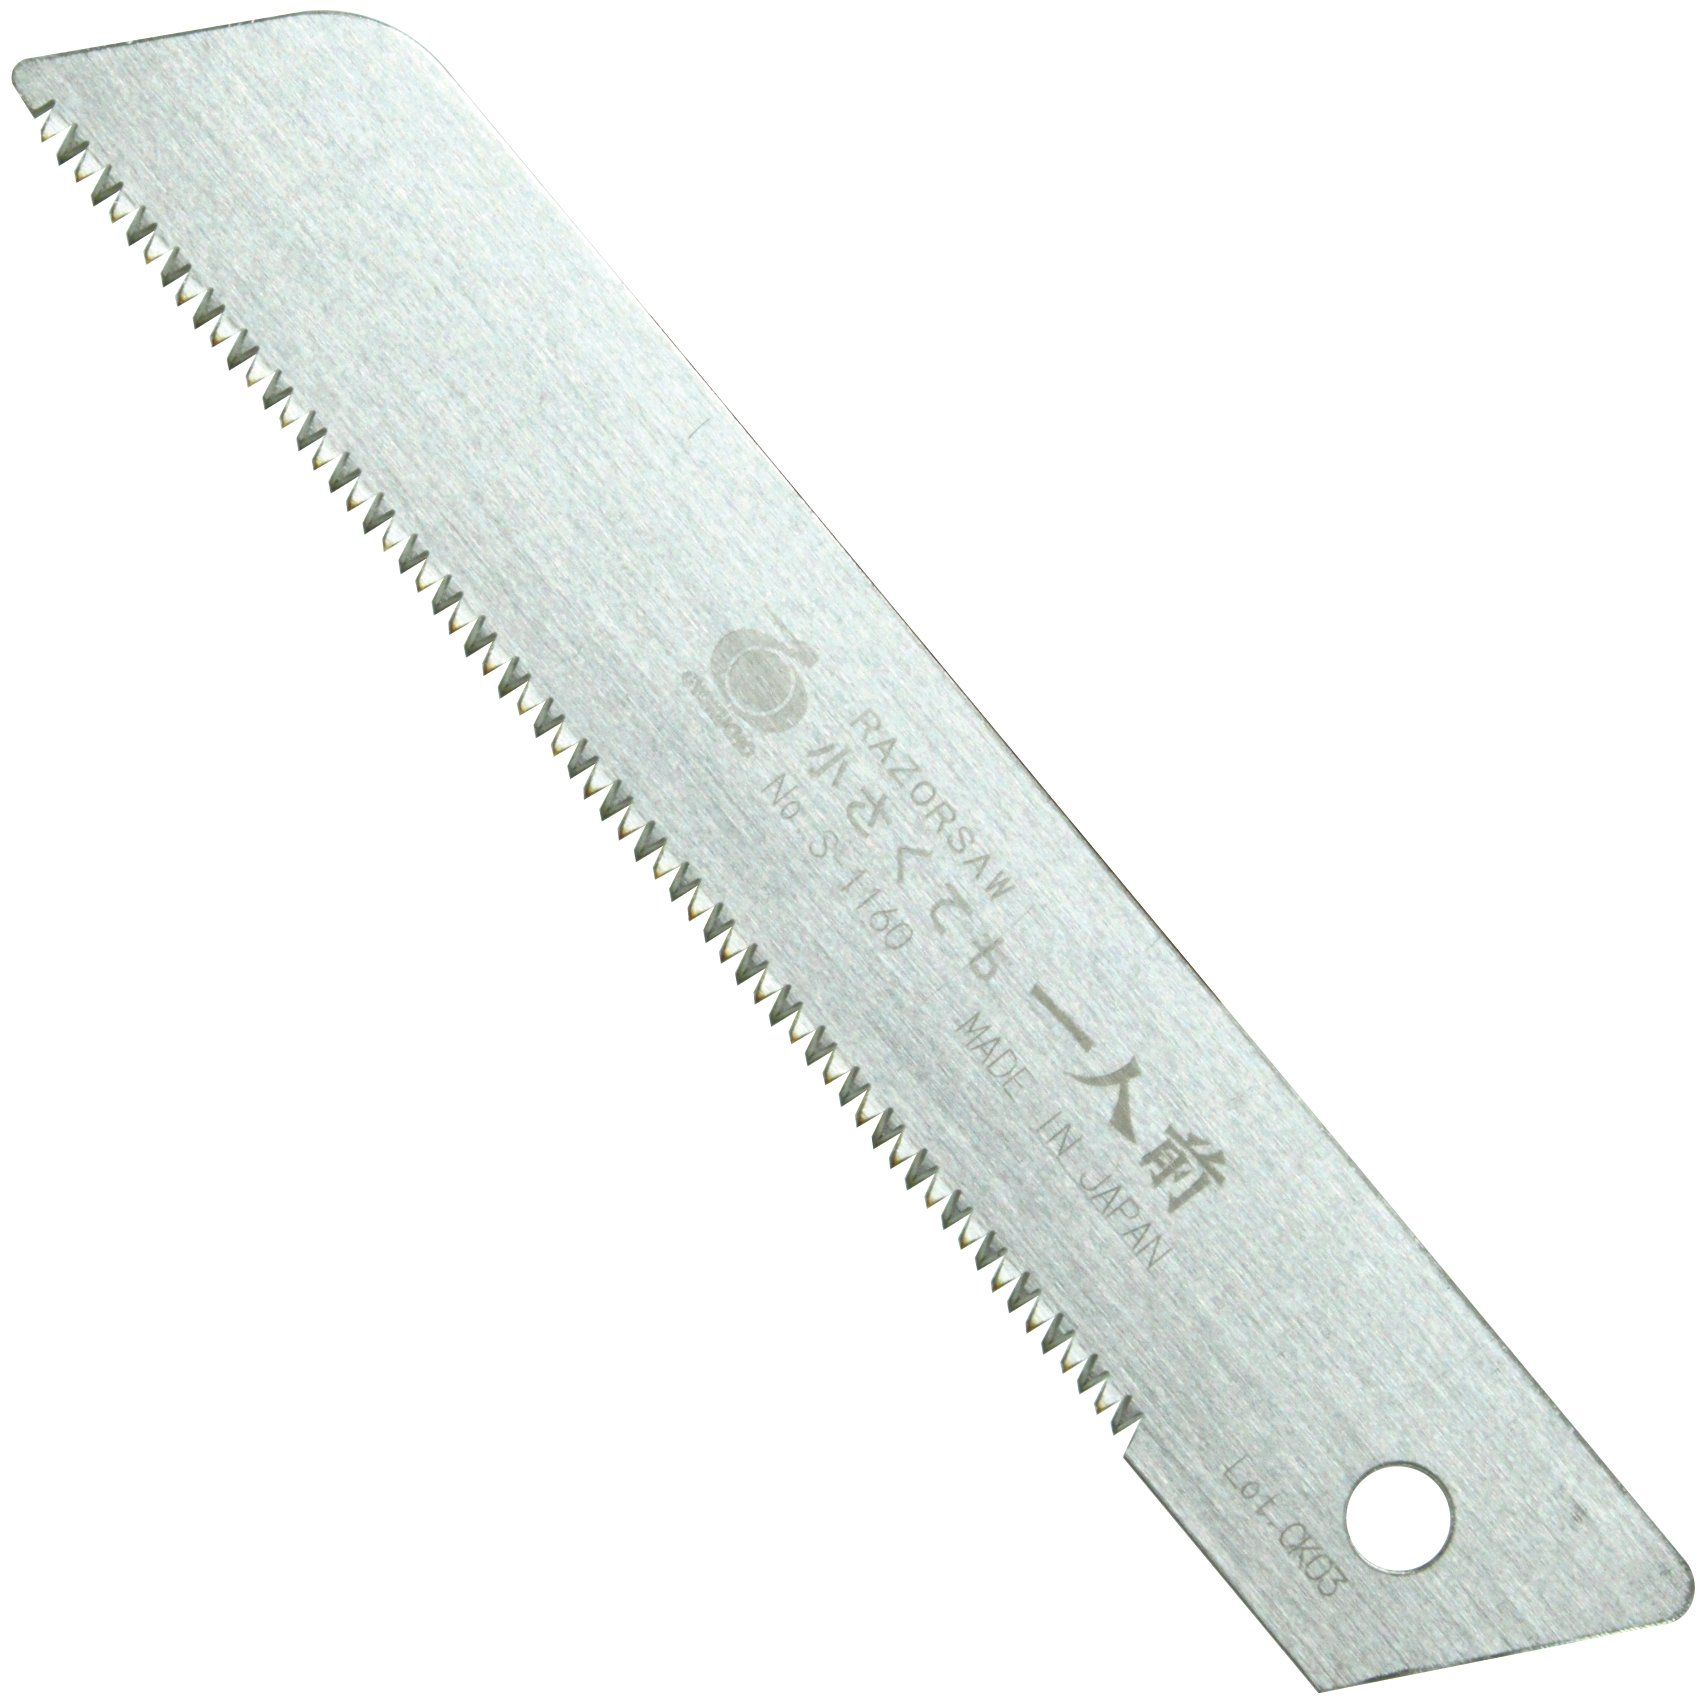 RAZOR Saw Extra blade S1160